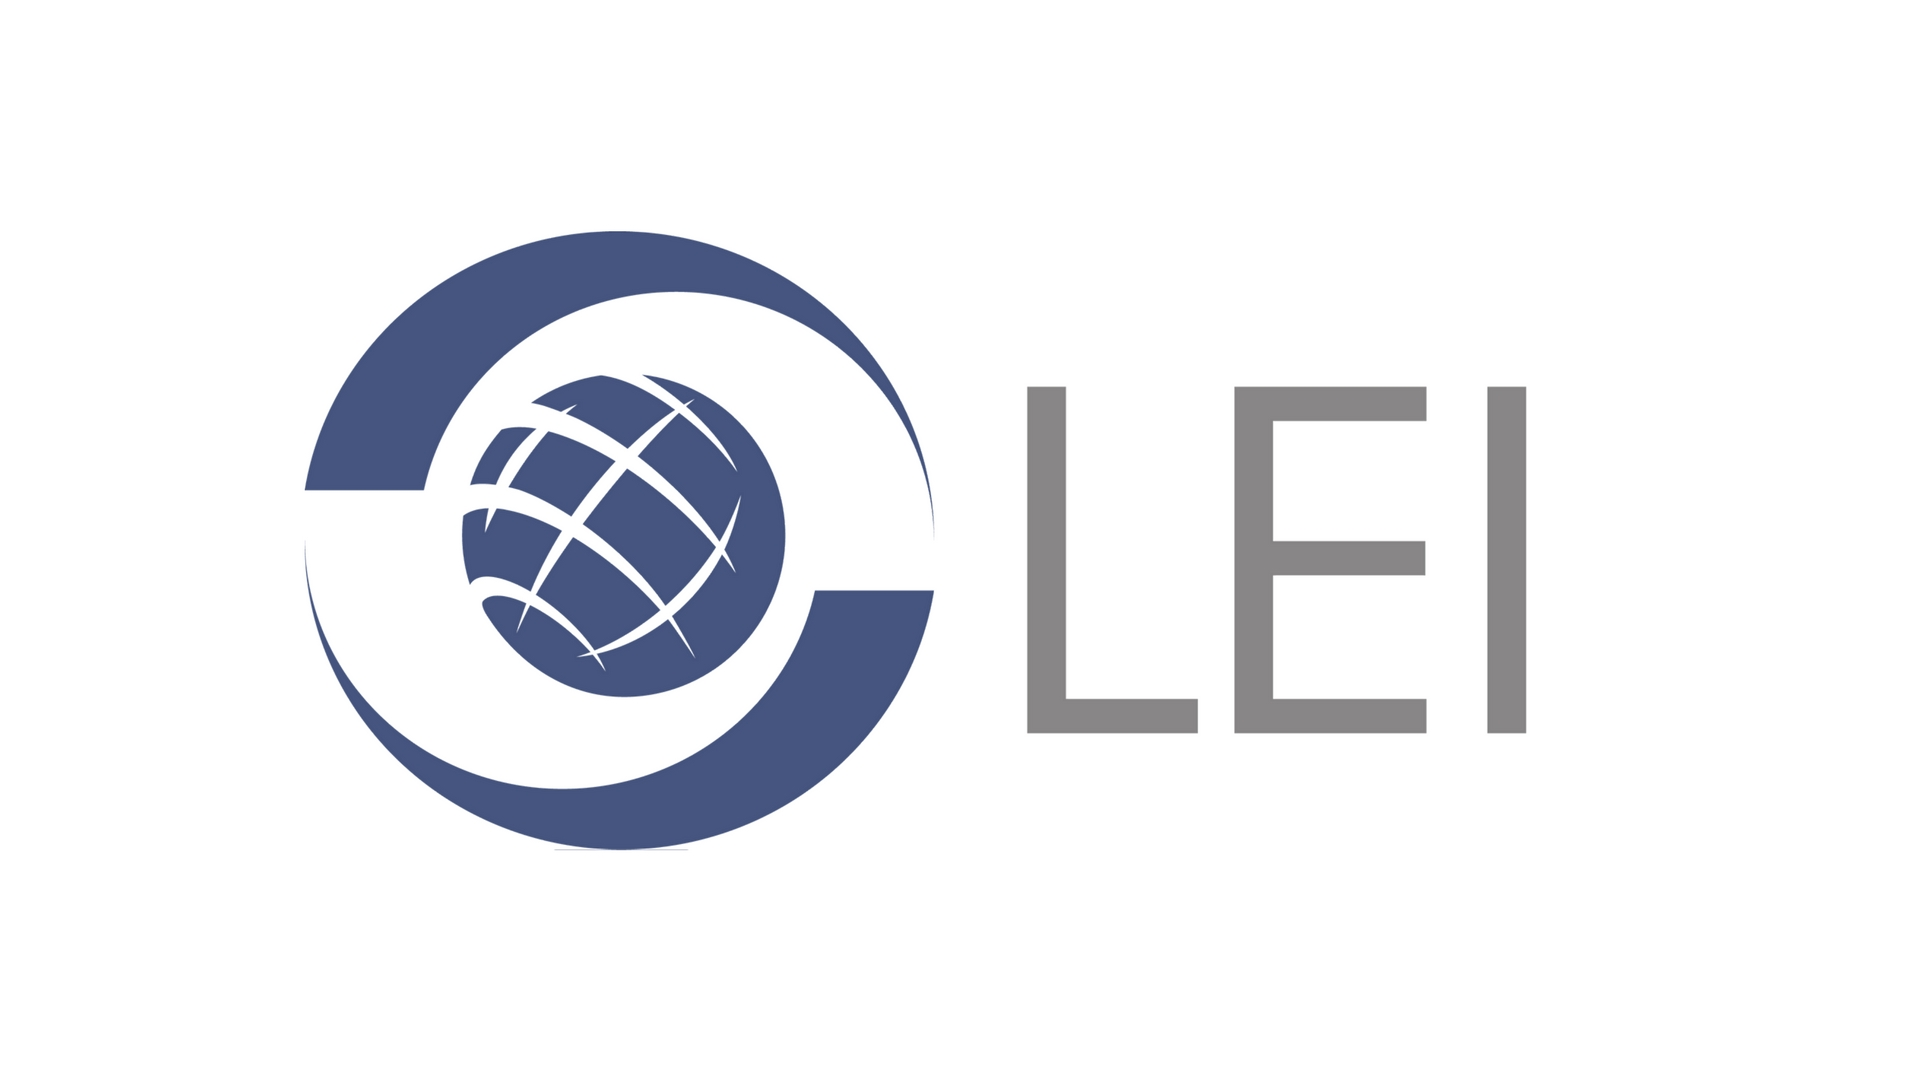 codigo-lei-el-dni-de-las-empresas-1920